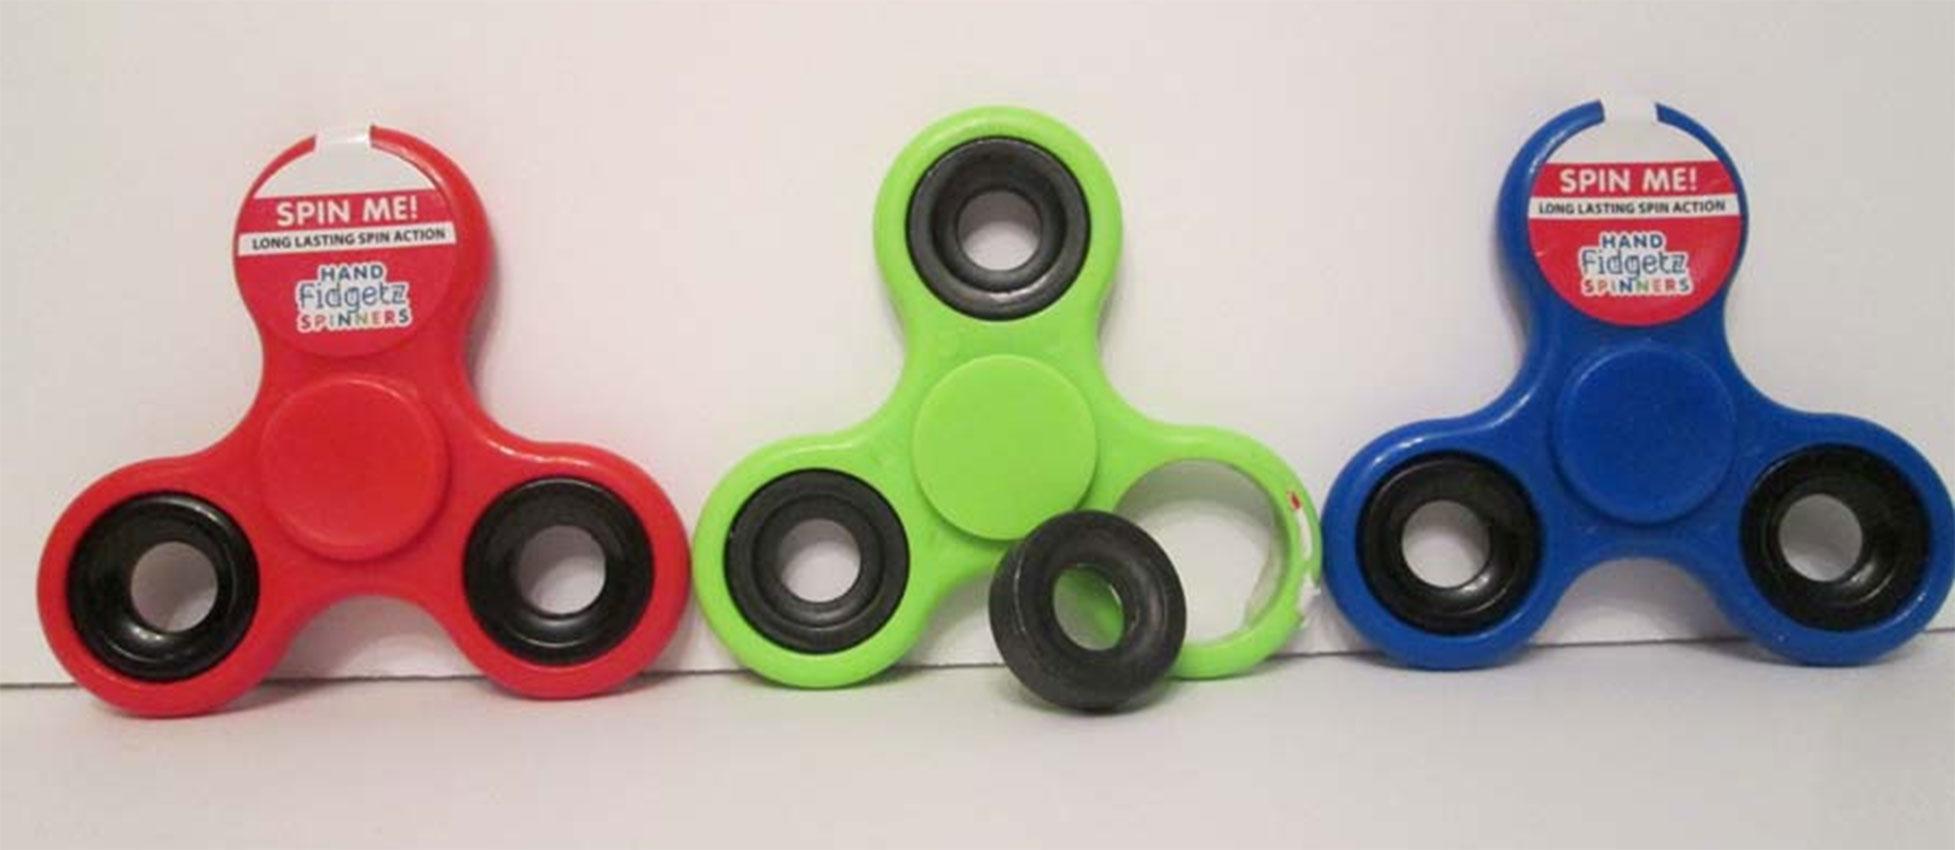 Fidget spinner toy choking danger